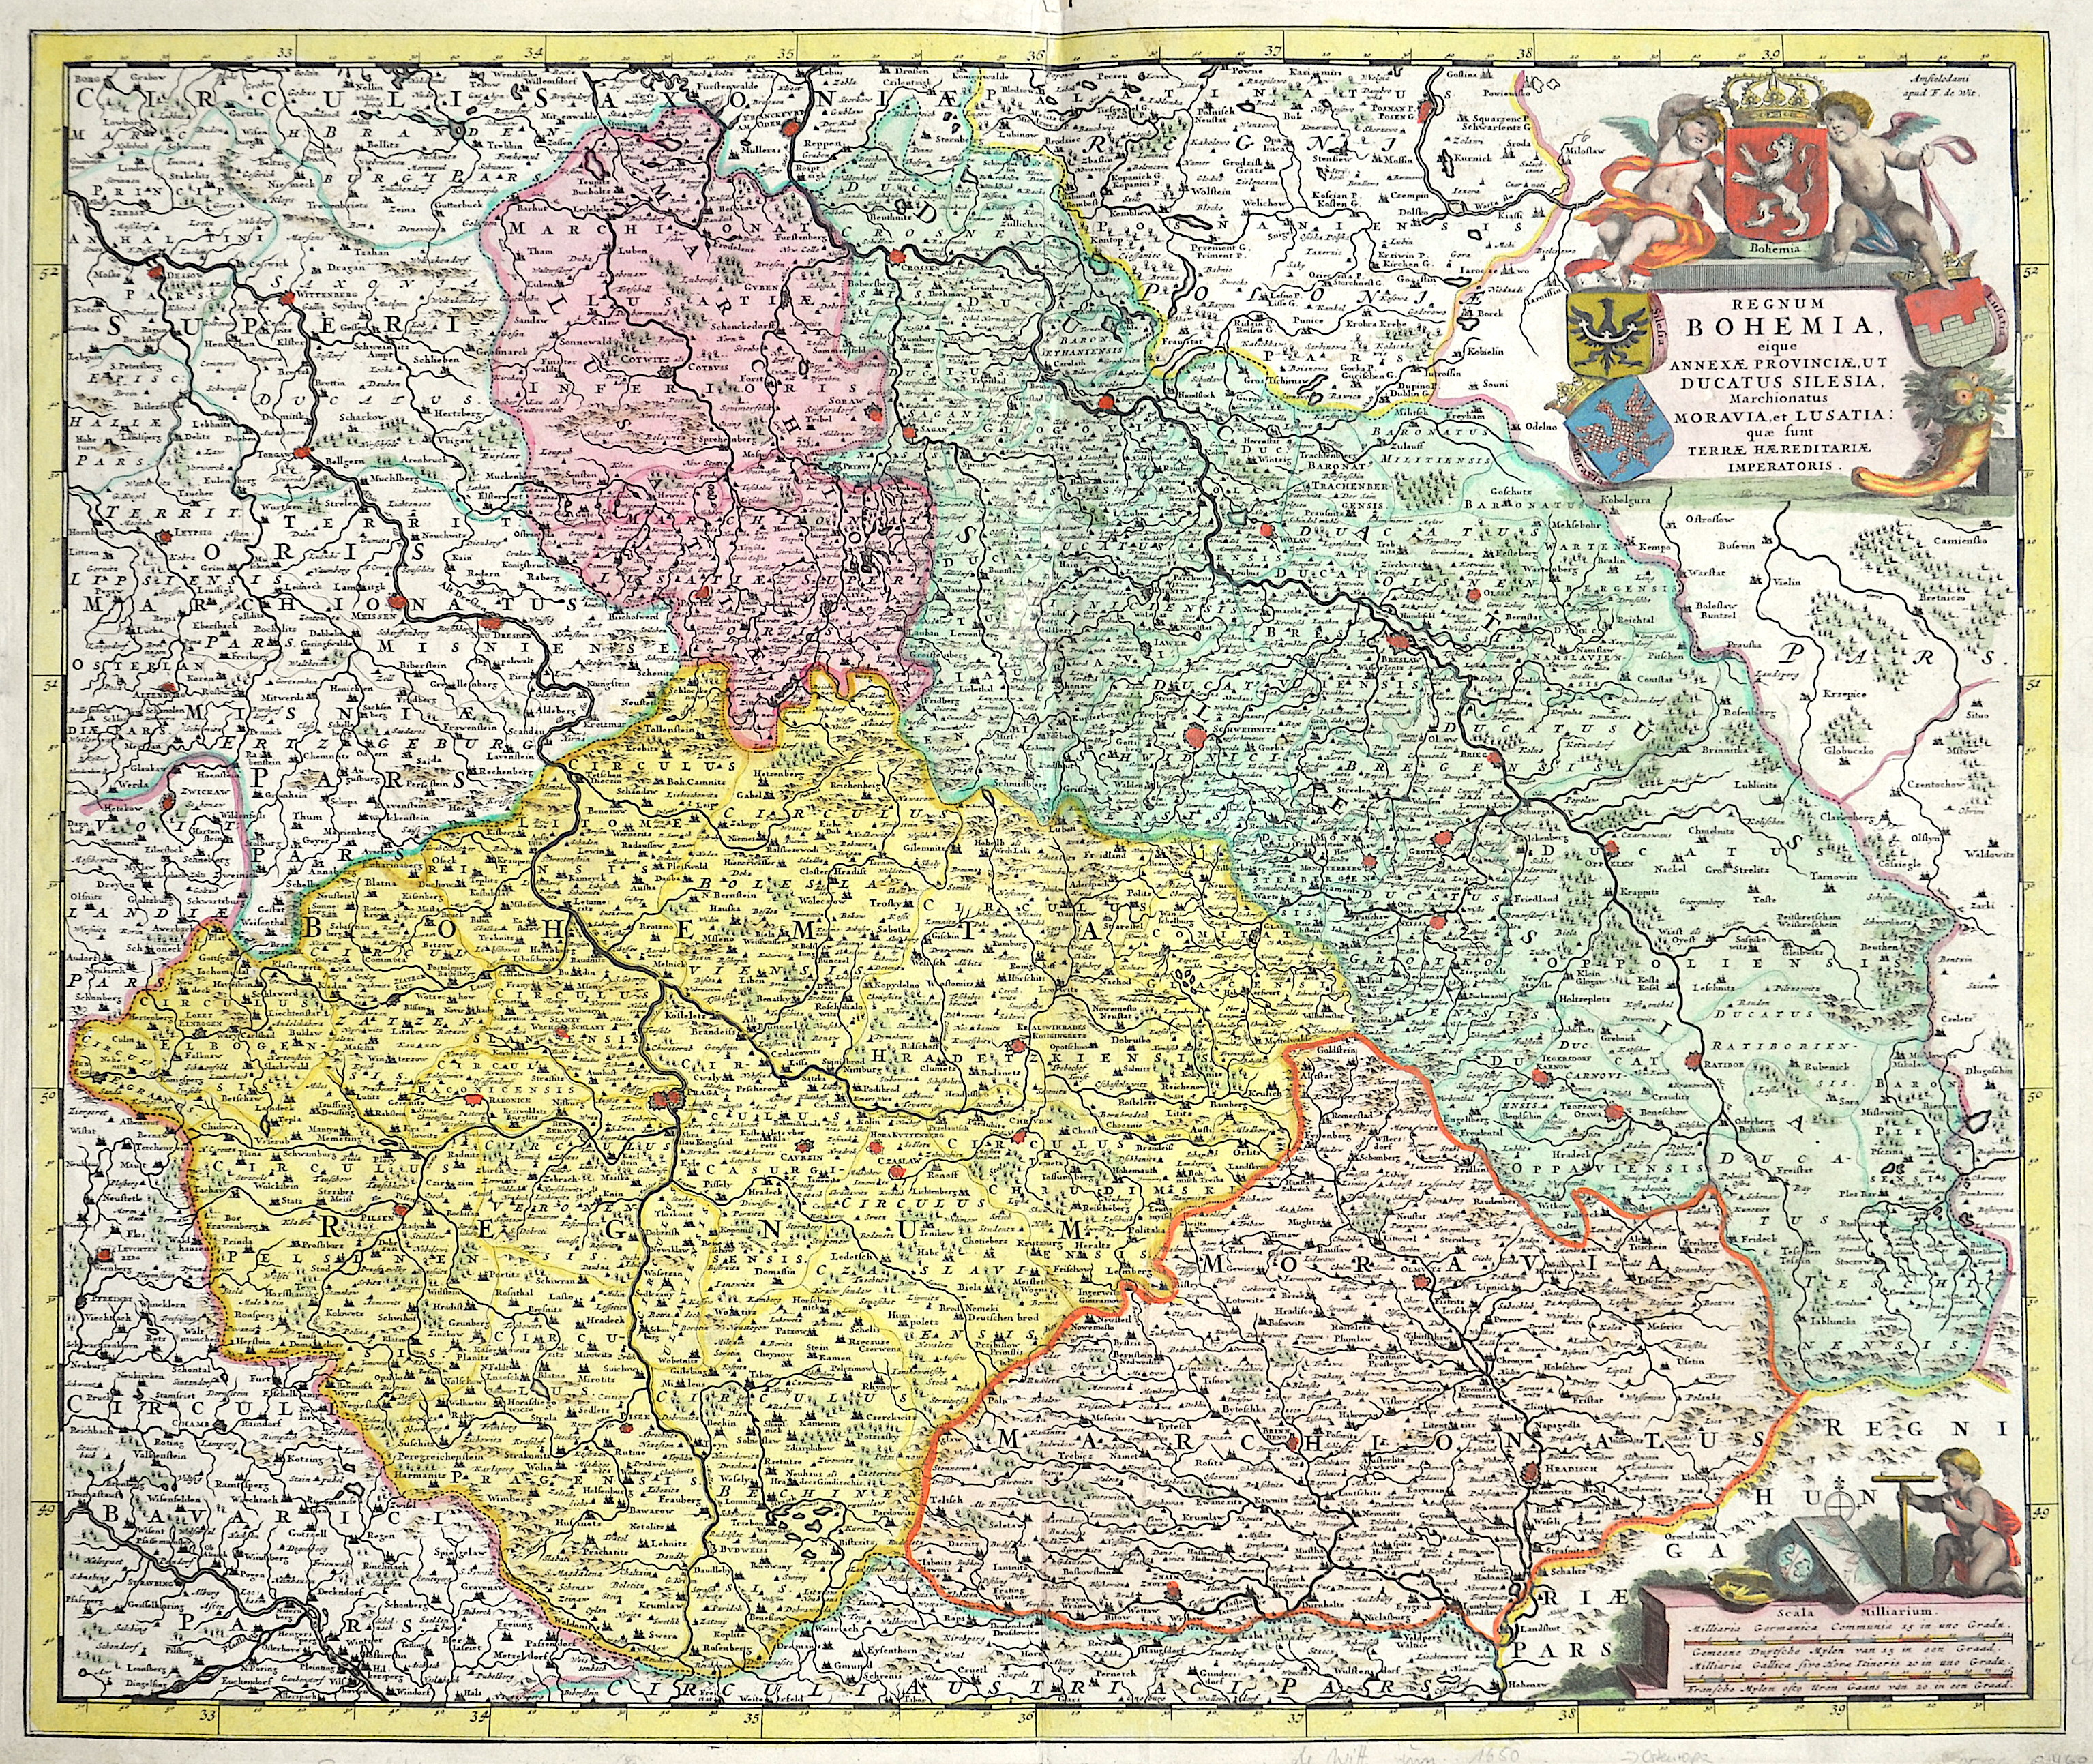 Wit, de  Regnum Bohemia, Annexae Provinciae, ut Ducatus Silesia, Marchionatus Moravia, et Lusatia..